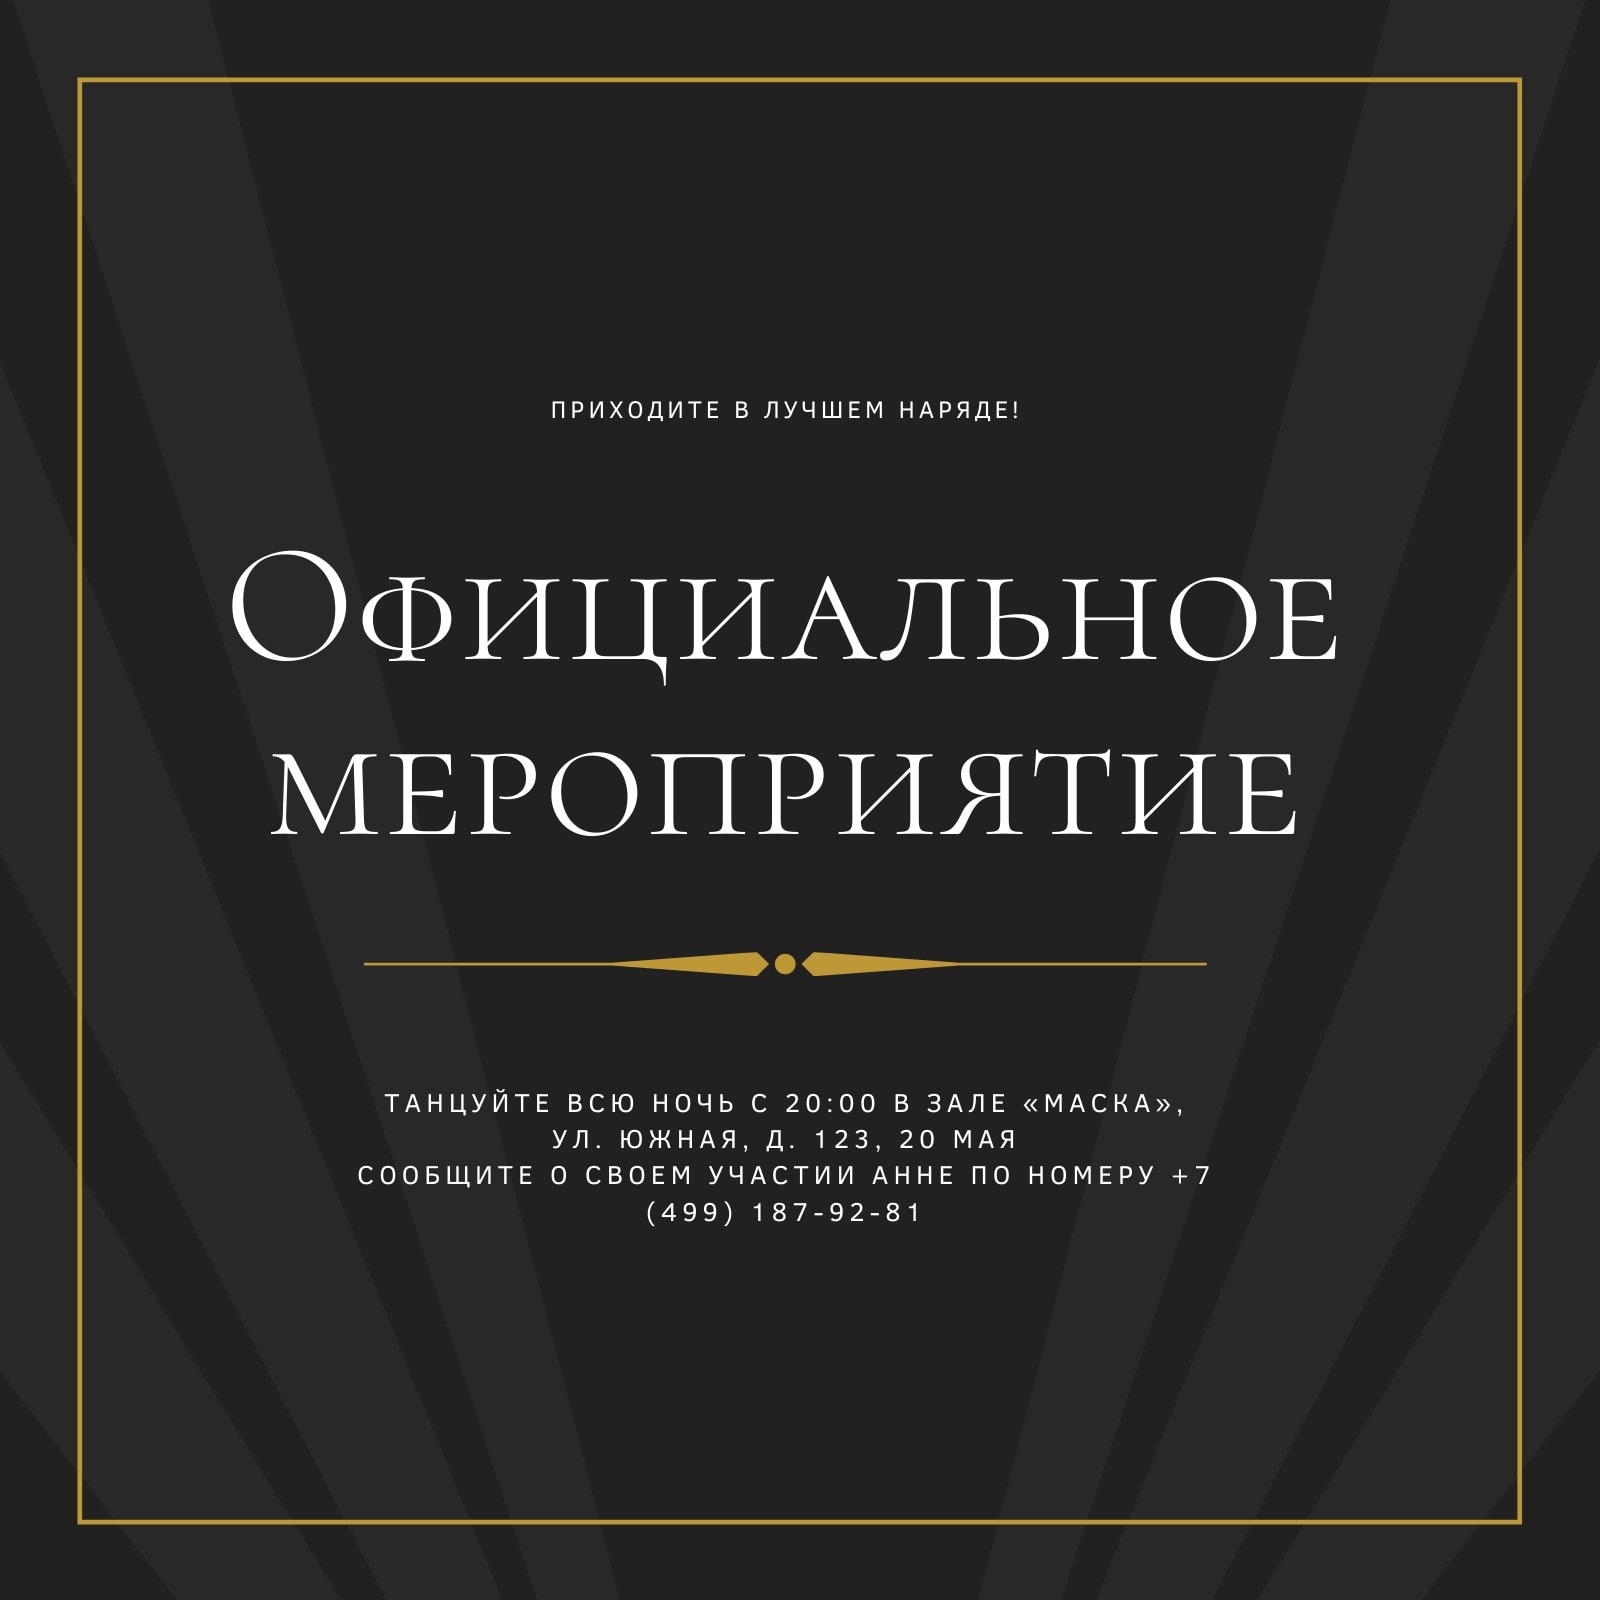 Угольный и Золотой Элегантный Мужской Официальное Мероприятие Приглашение